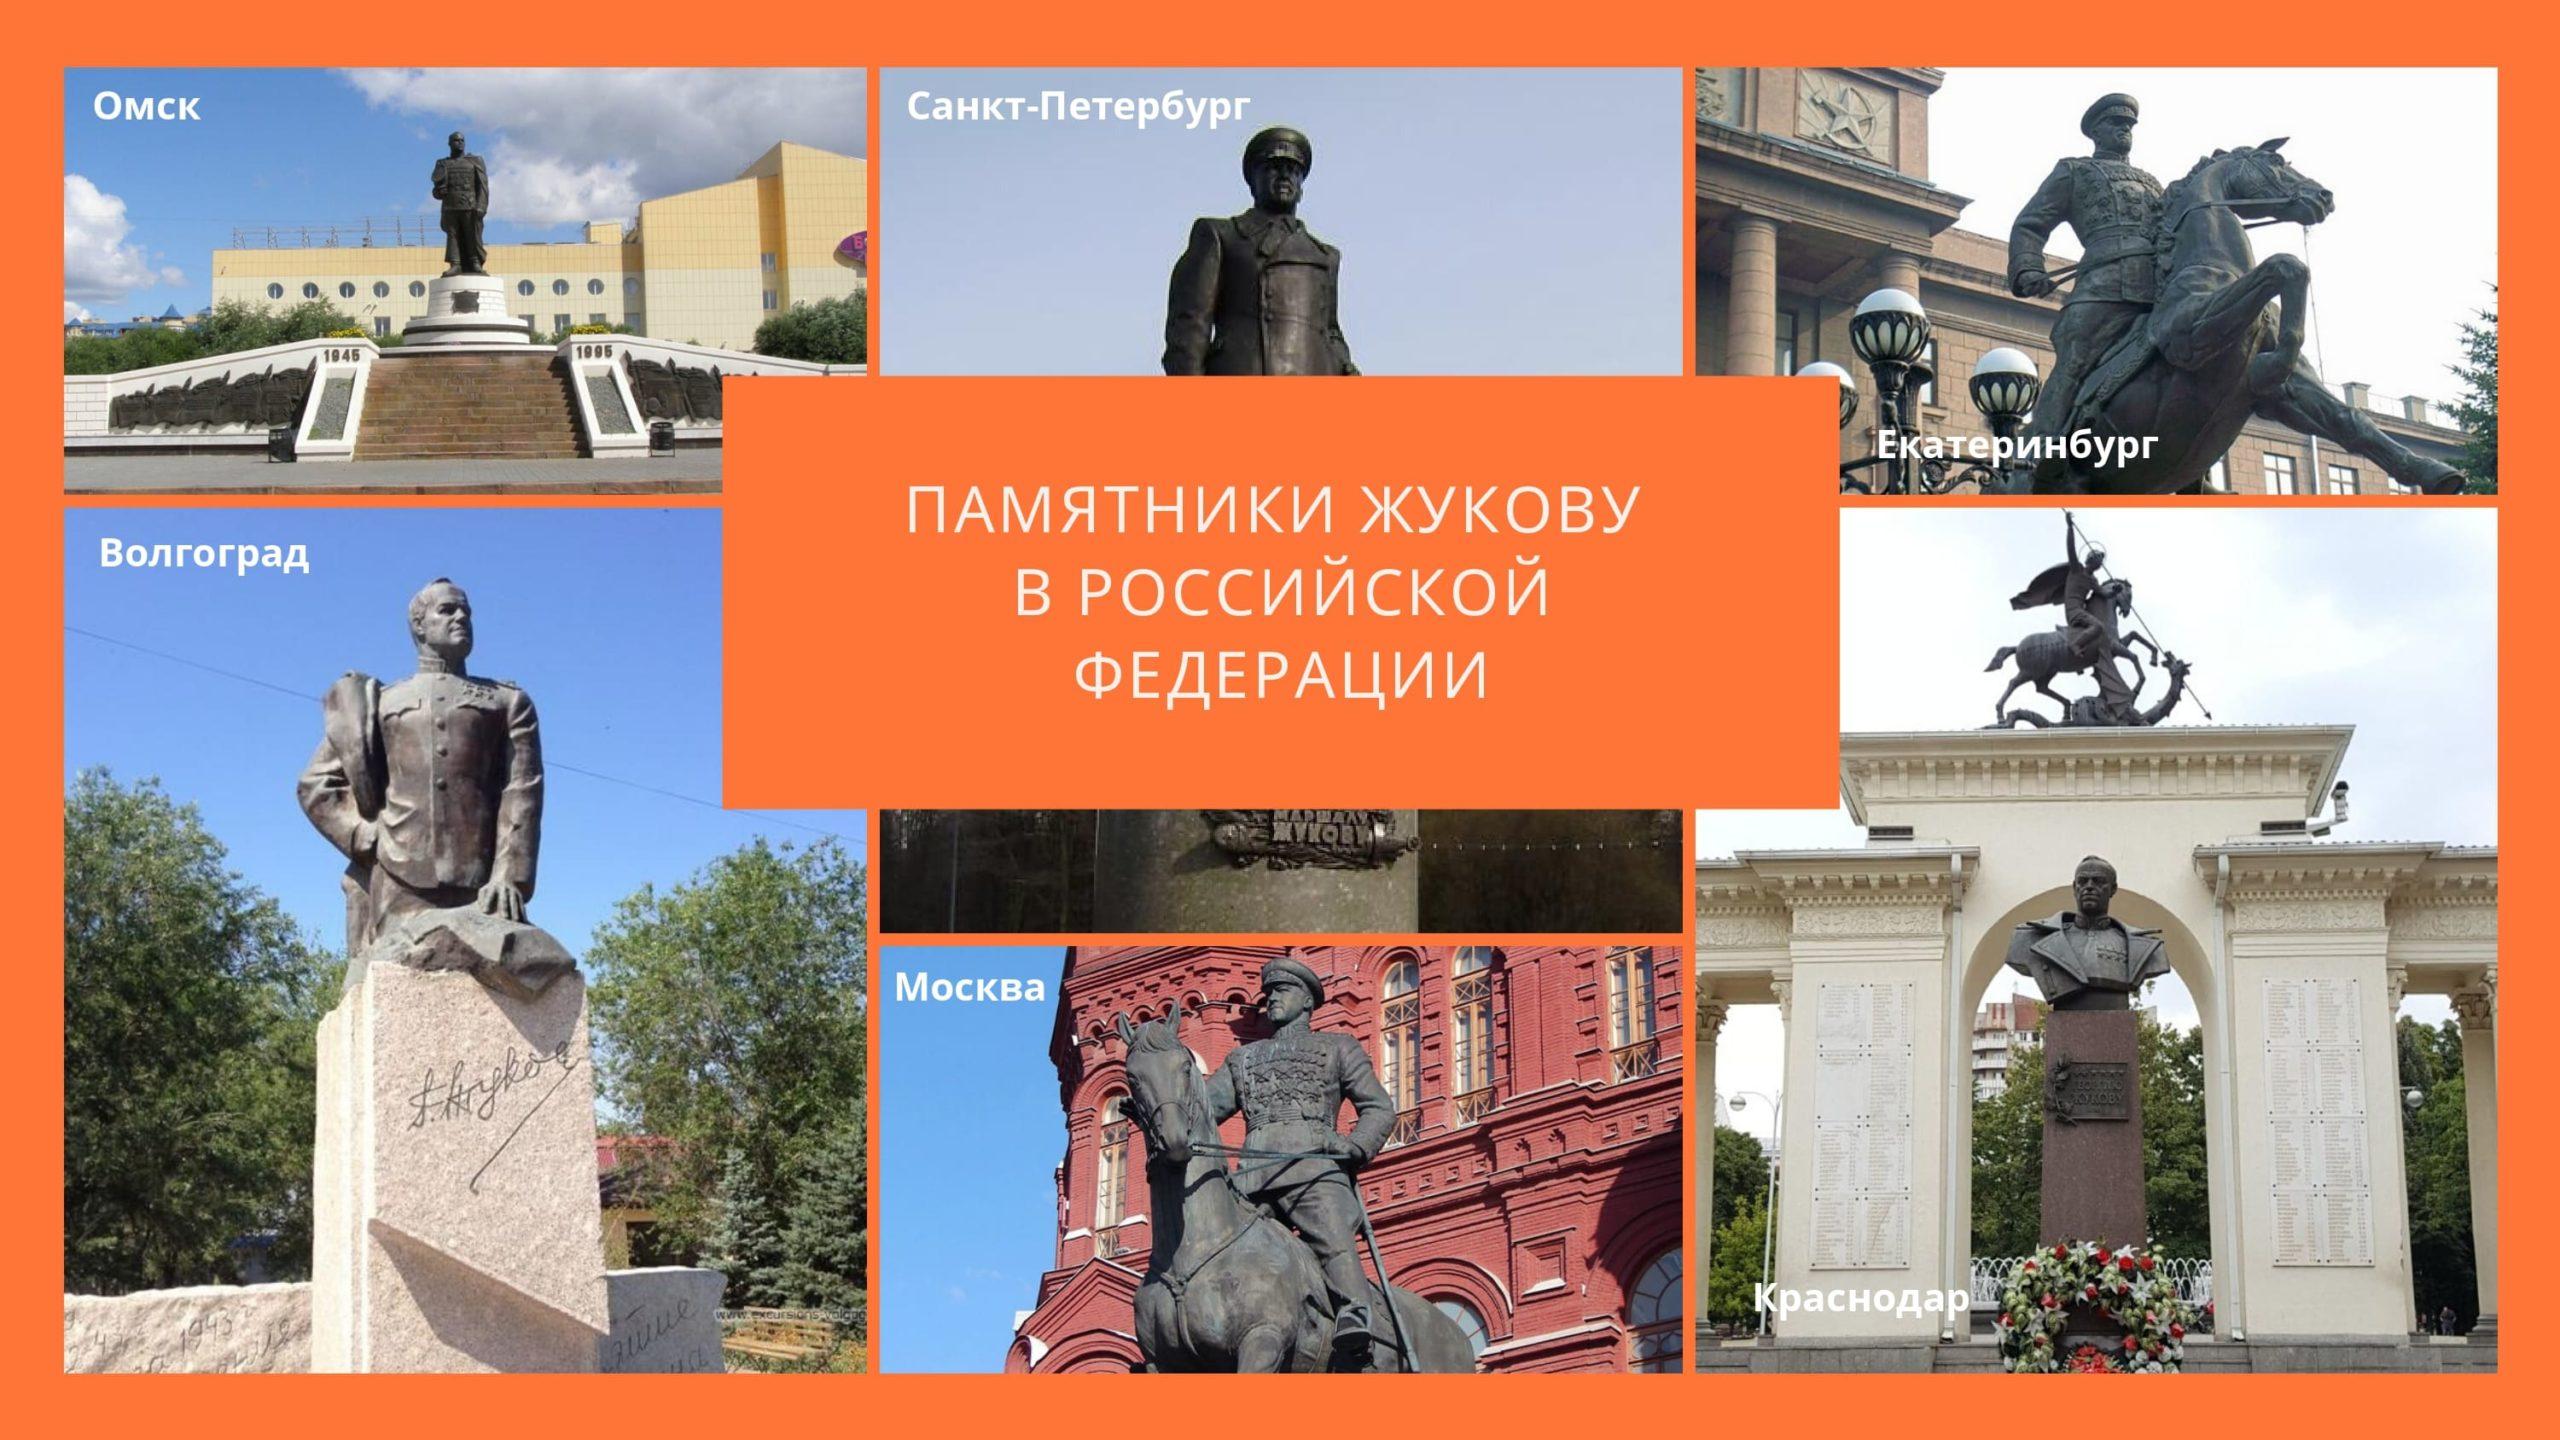 Памятники Жукову в Российской Федерации